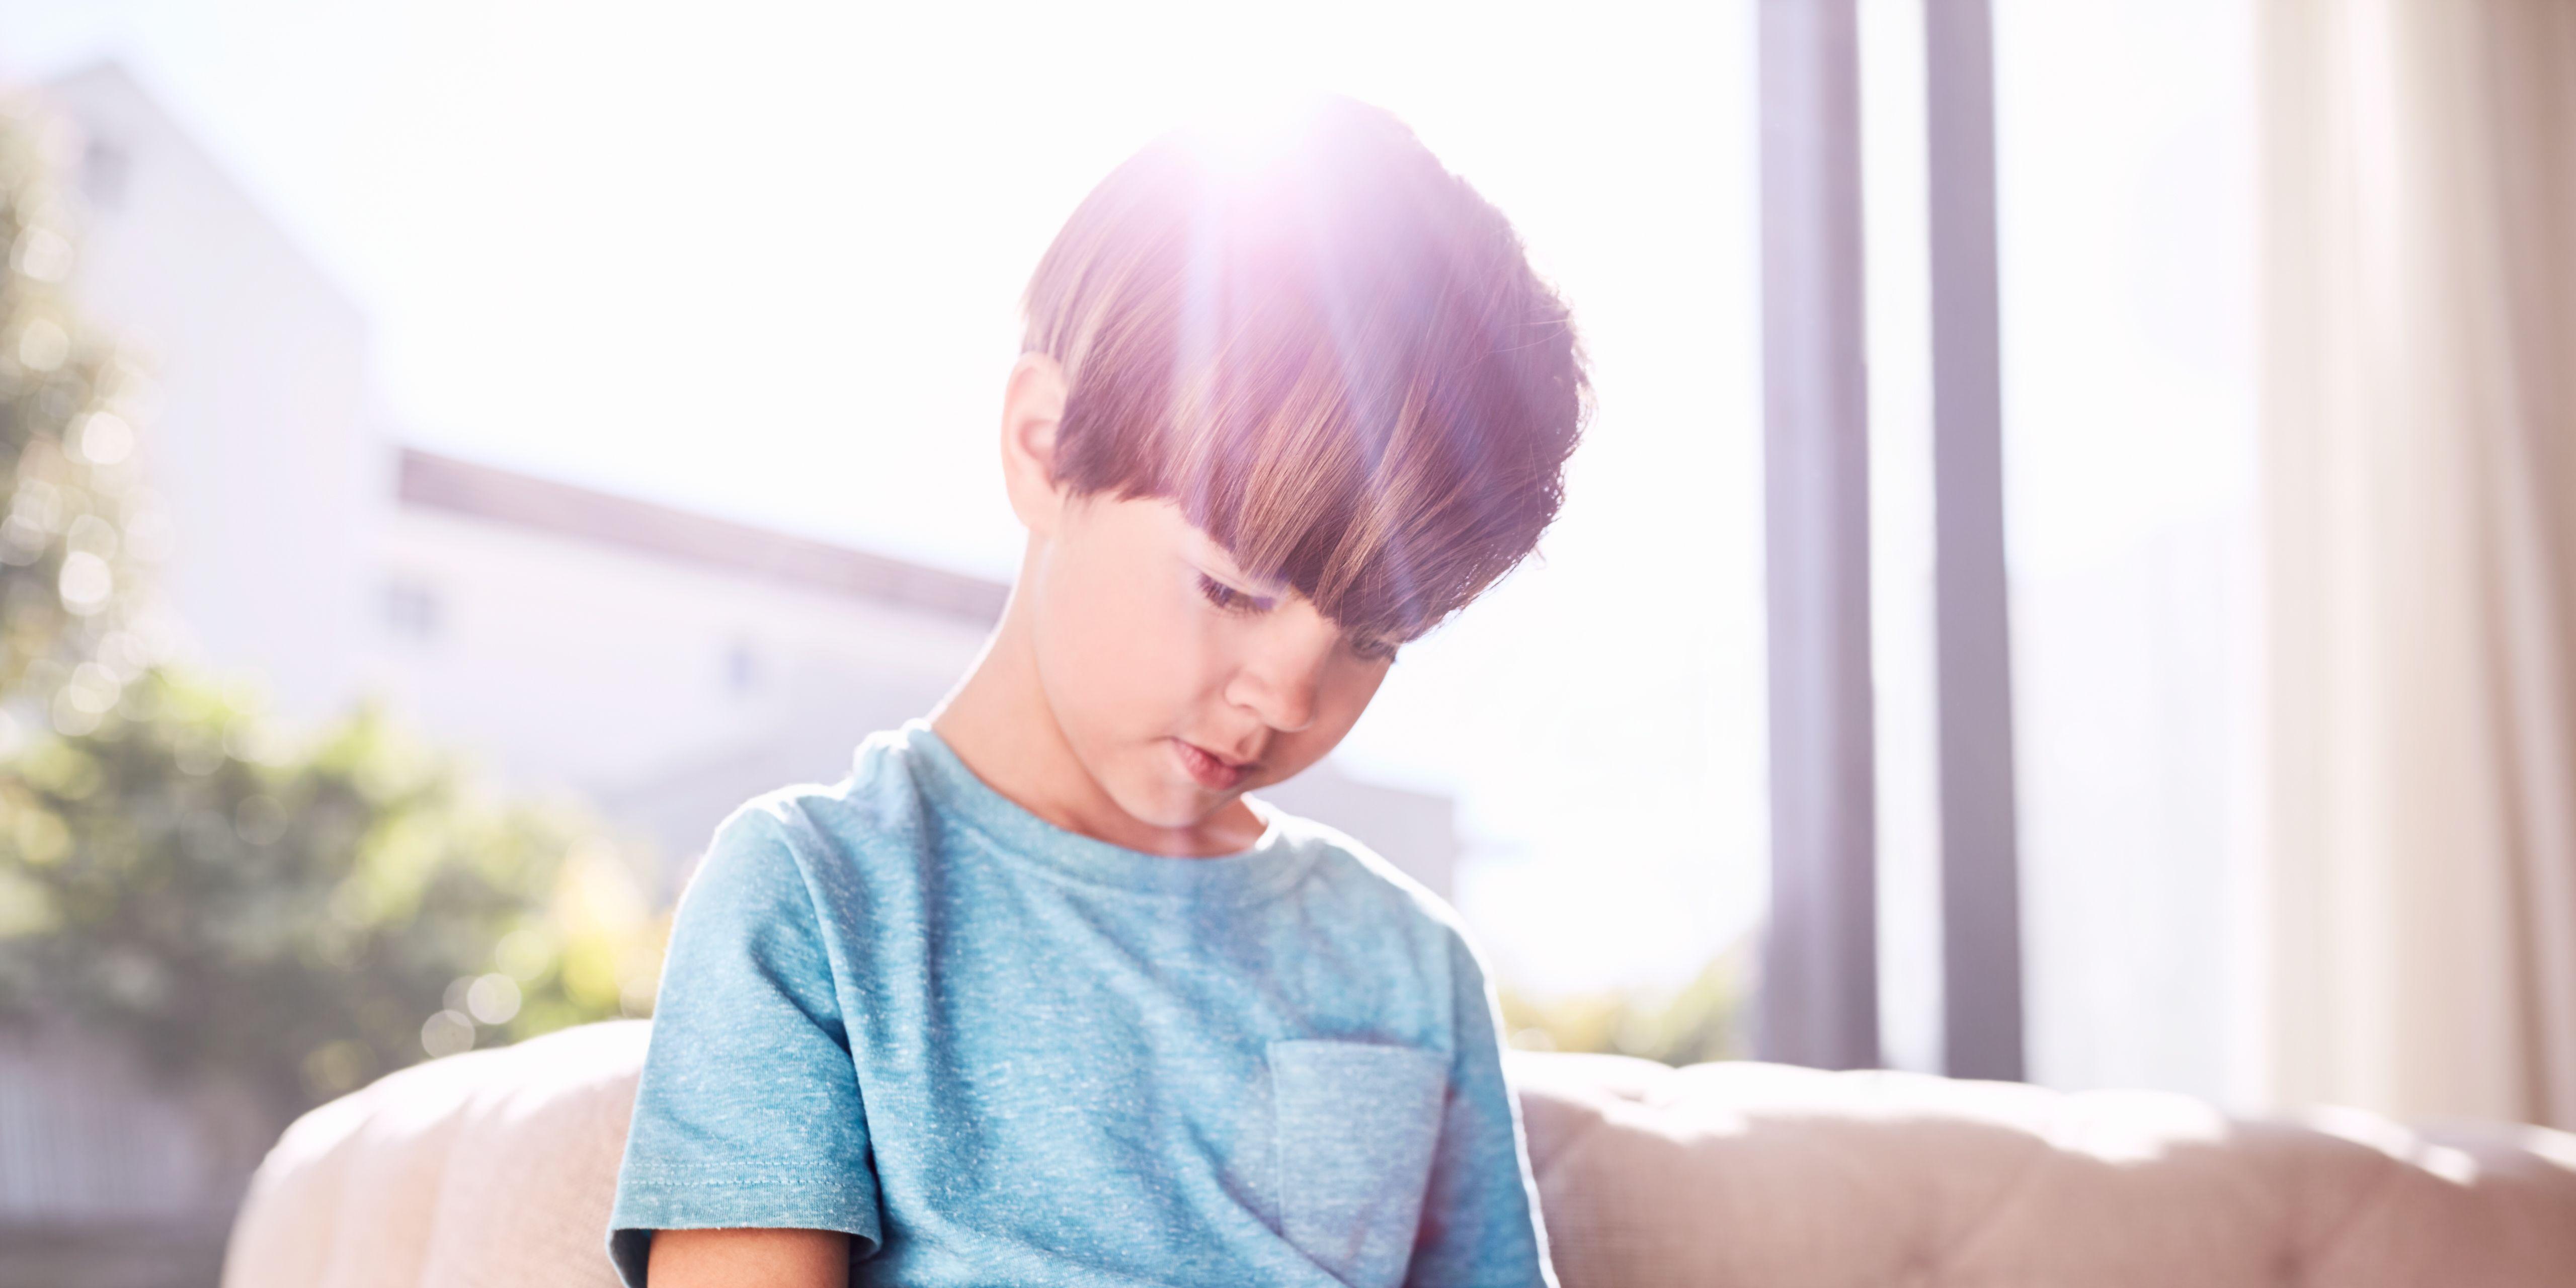 Niño jugando con el móvil